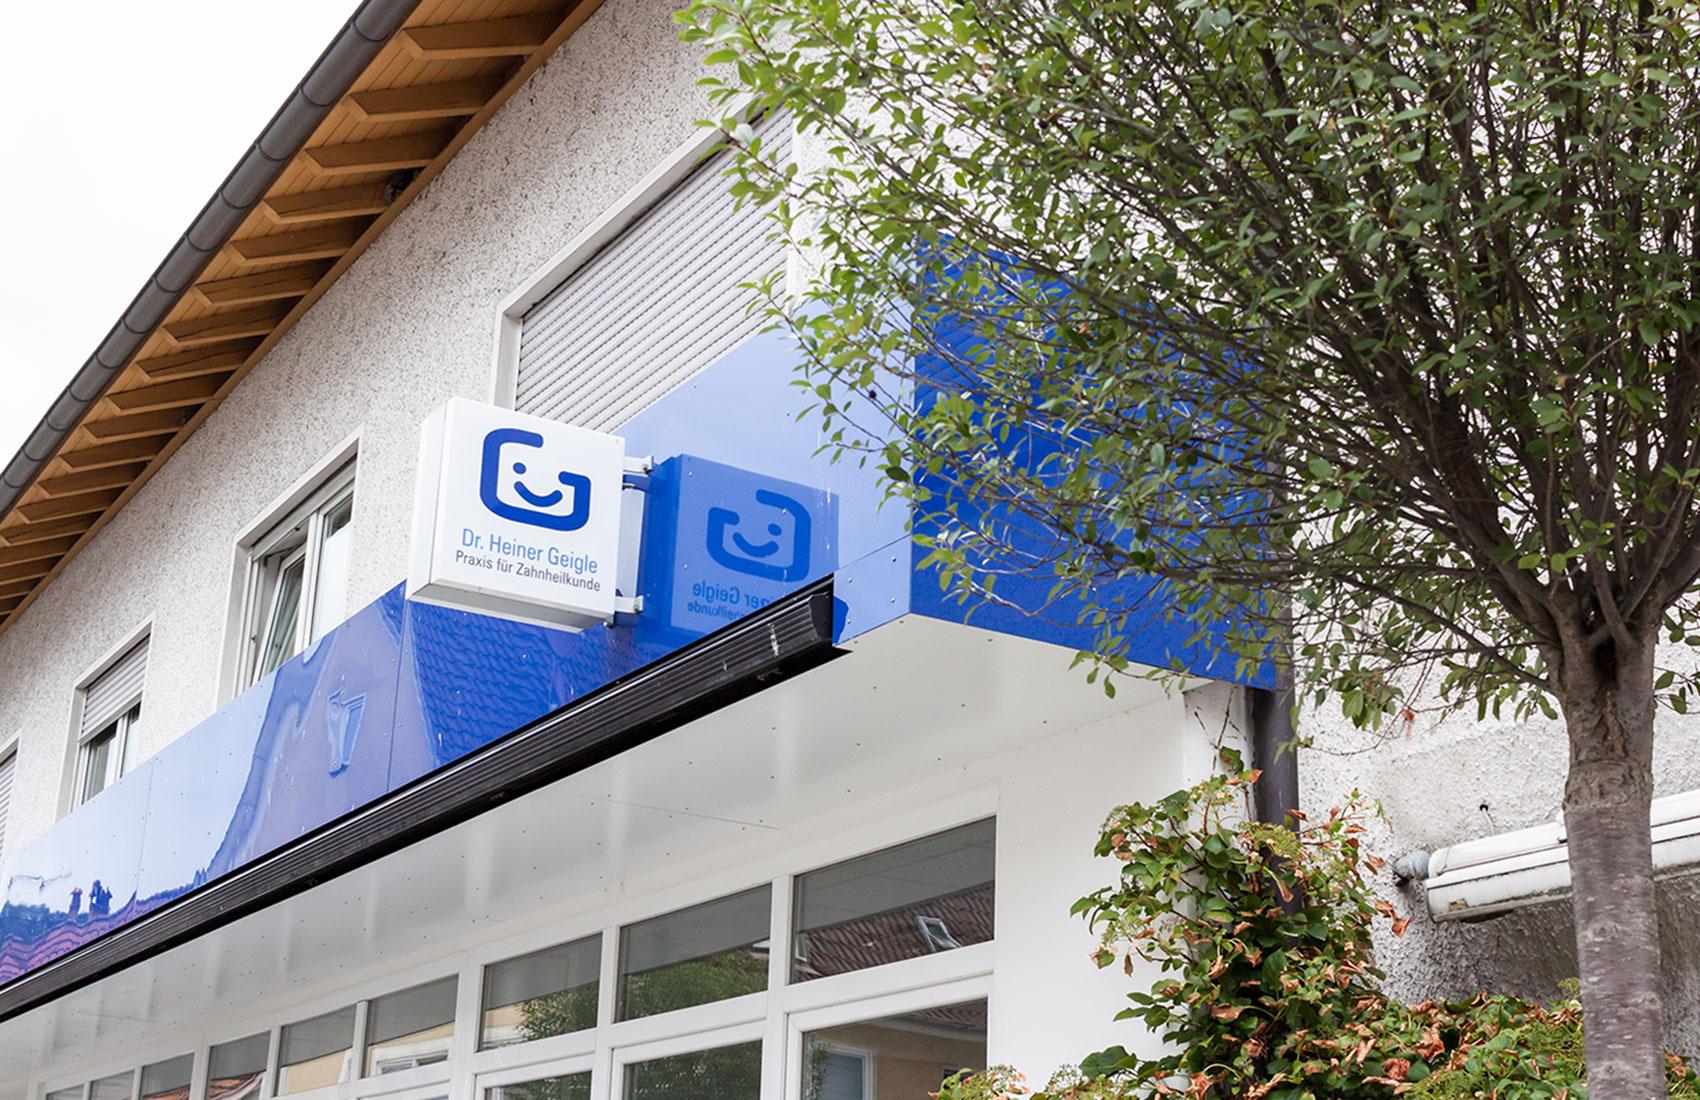 Durch Farbgebung und Leuchtschilder mit Logo wirkt das Corporate Design der Zahnarztpraxis Dr. Geigle auch nach außen.